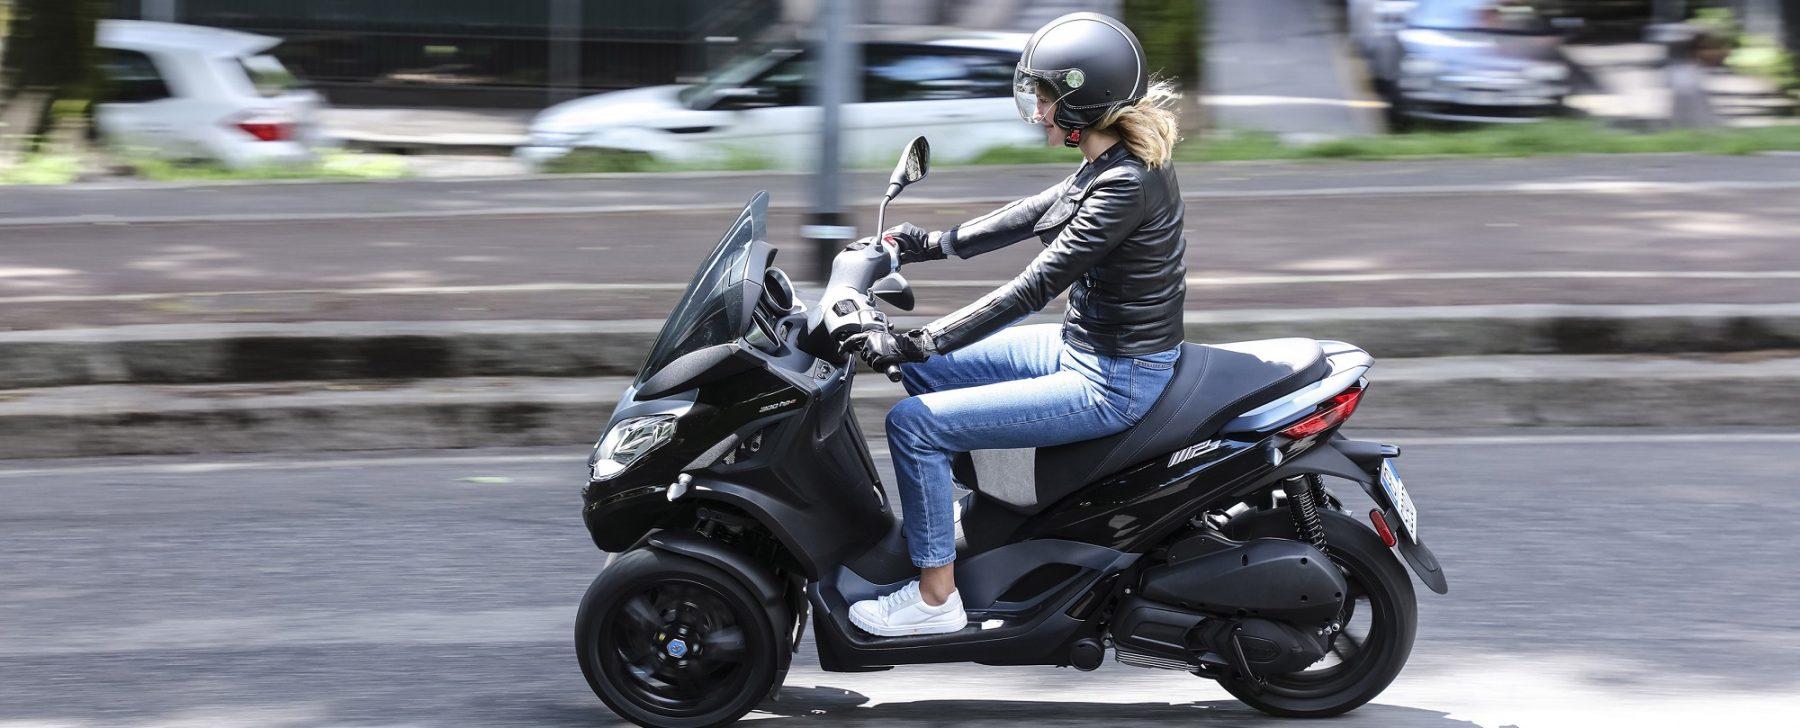 Carnet de coche motos